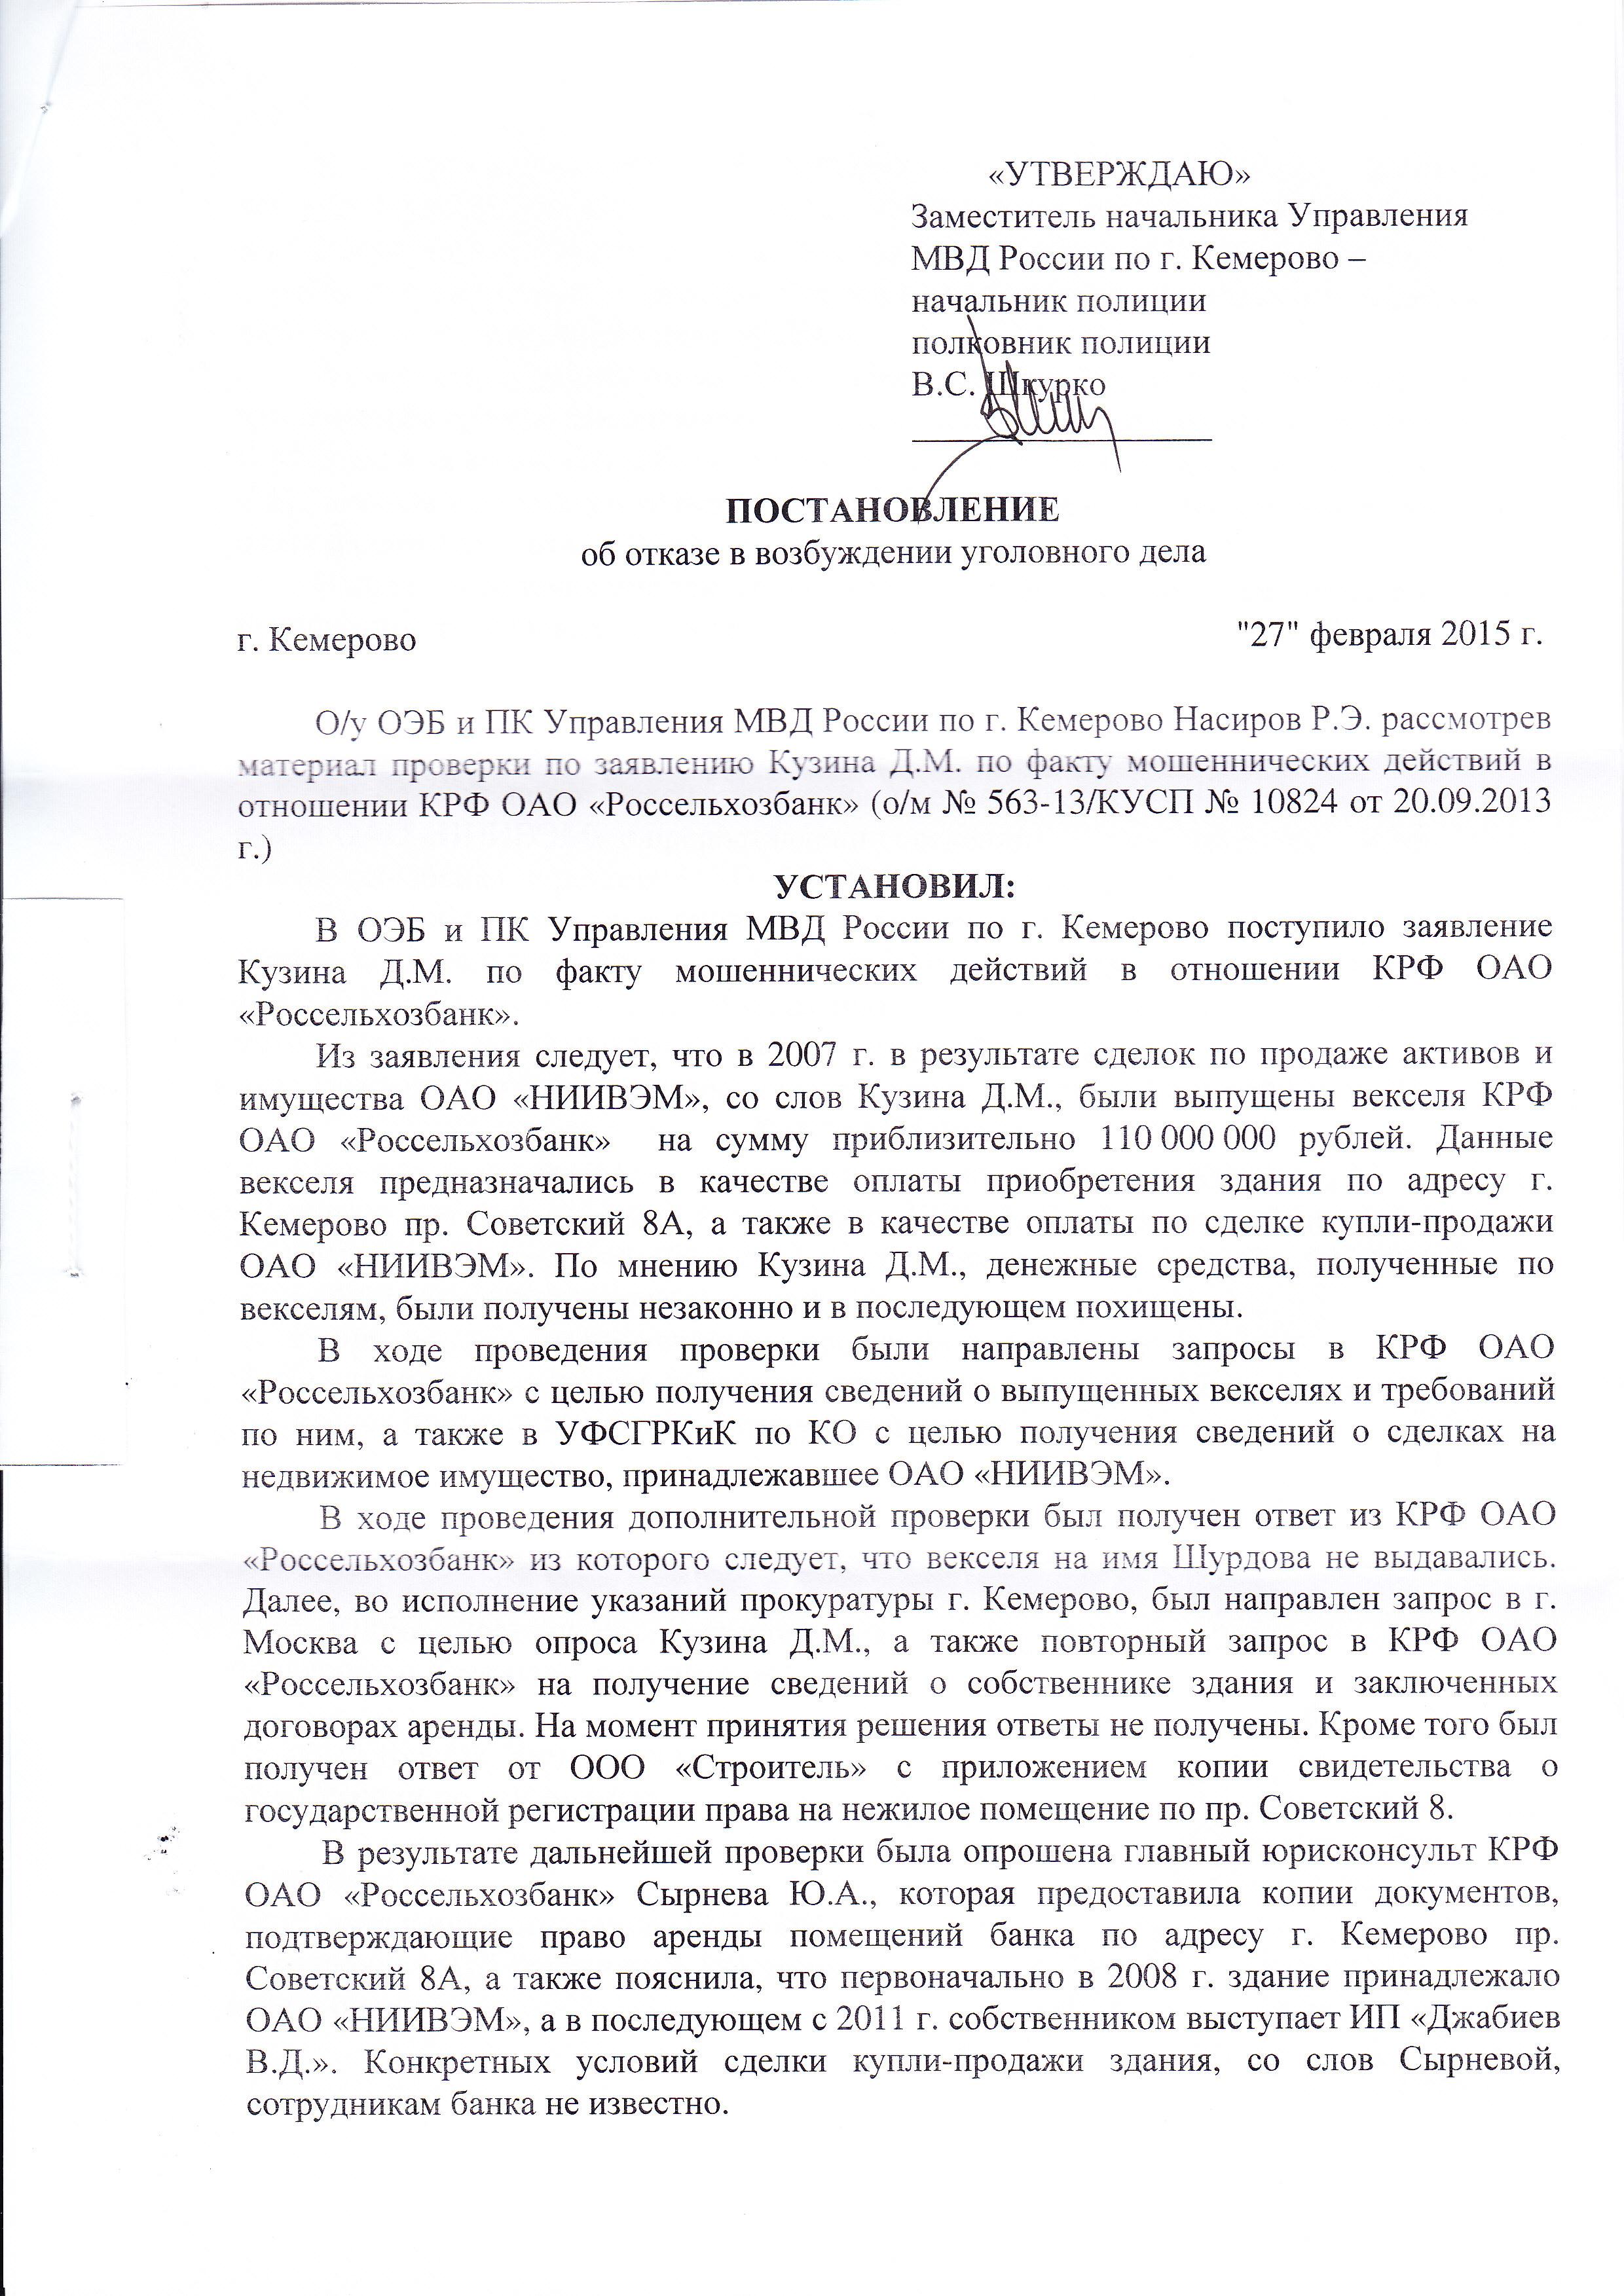 Постановление от 27 02 2015 - 1 л